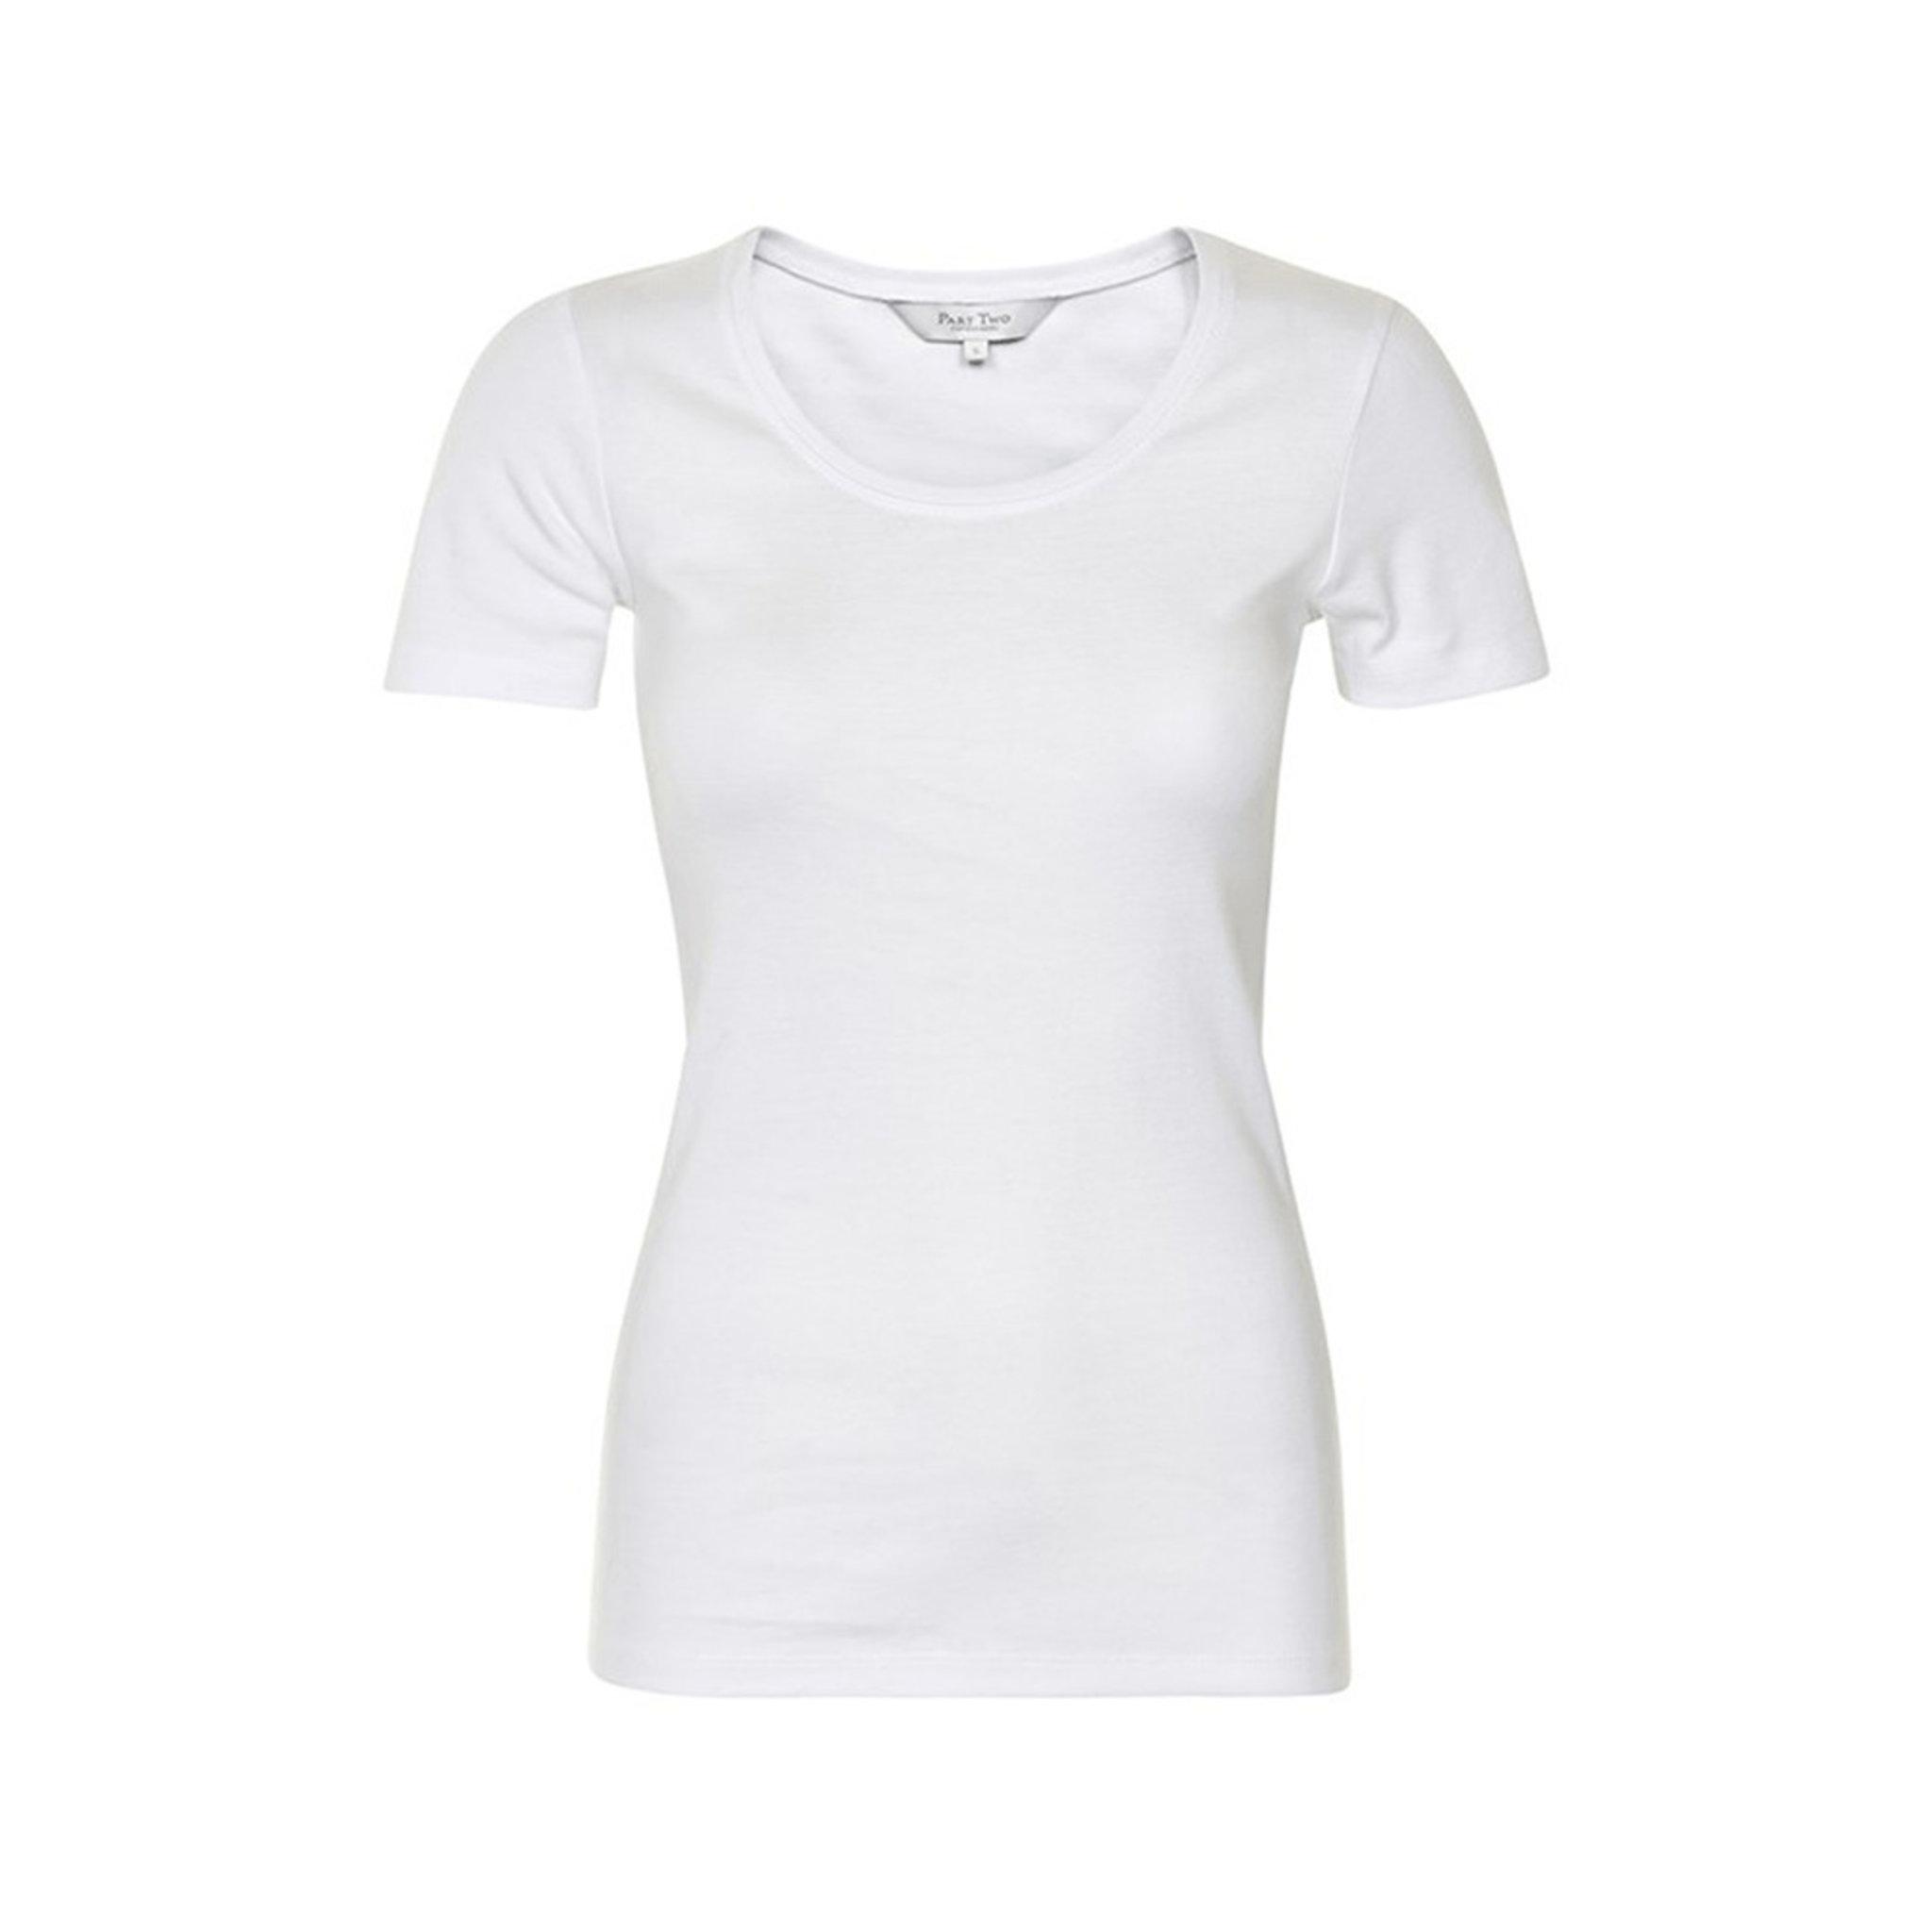 ffdcff798e3 T-shirt Legana - T-shirts & toppar - Köp online på åhlens.se!